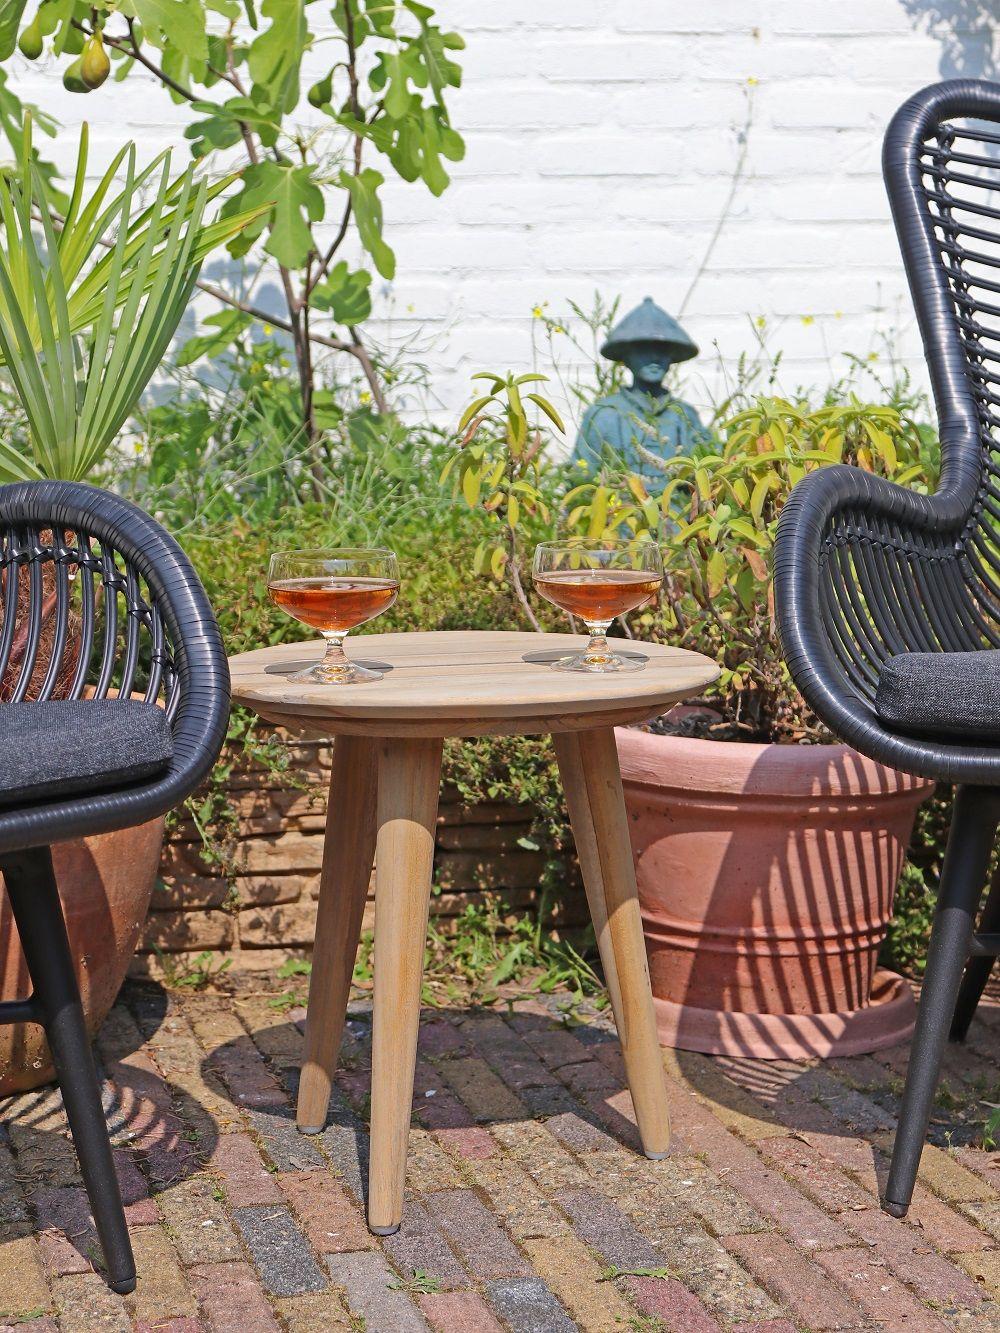 Faszinierend Ausgefallene Gartenmöbel Foto Von Rough-k Beistelltisch #gartenmöbel #beistelltisch #holz